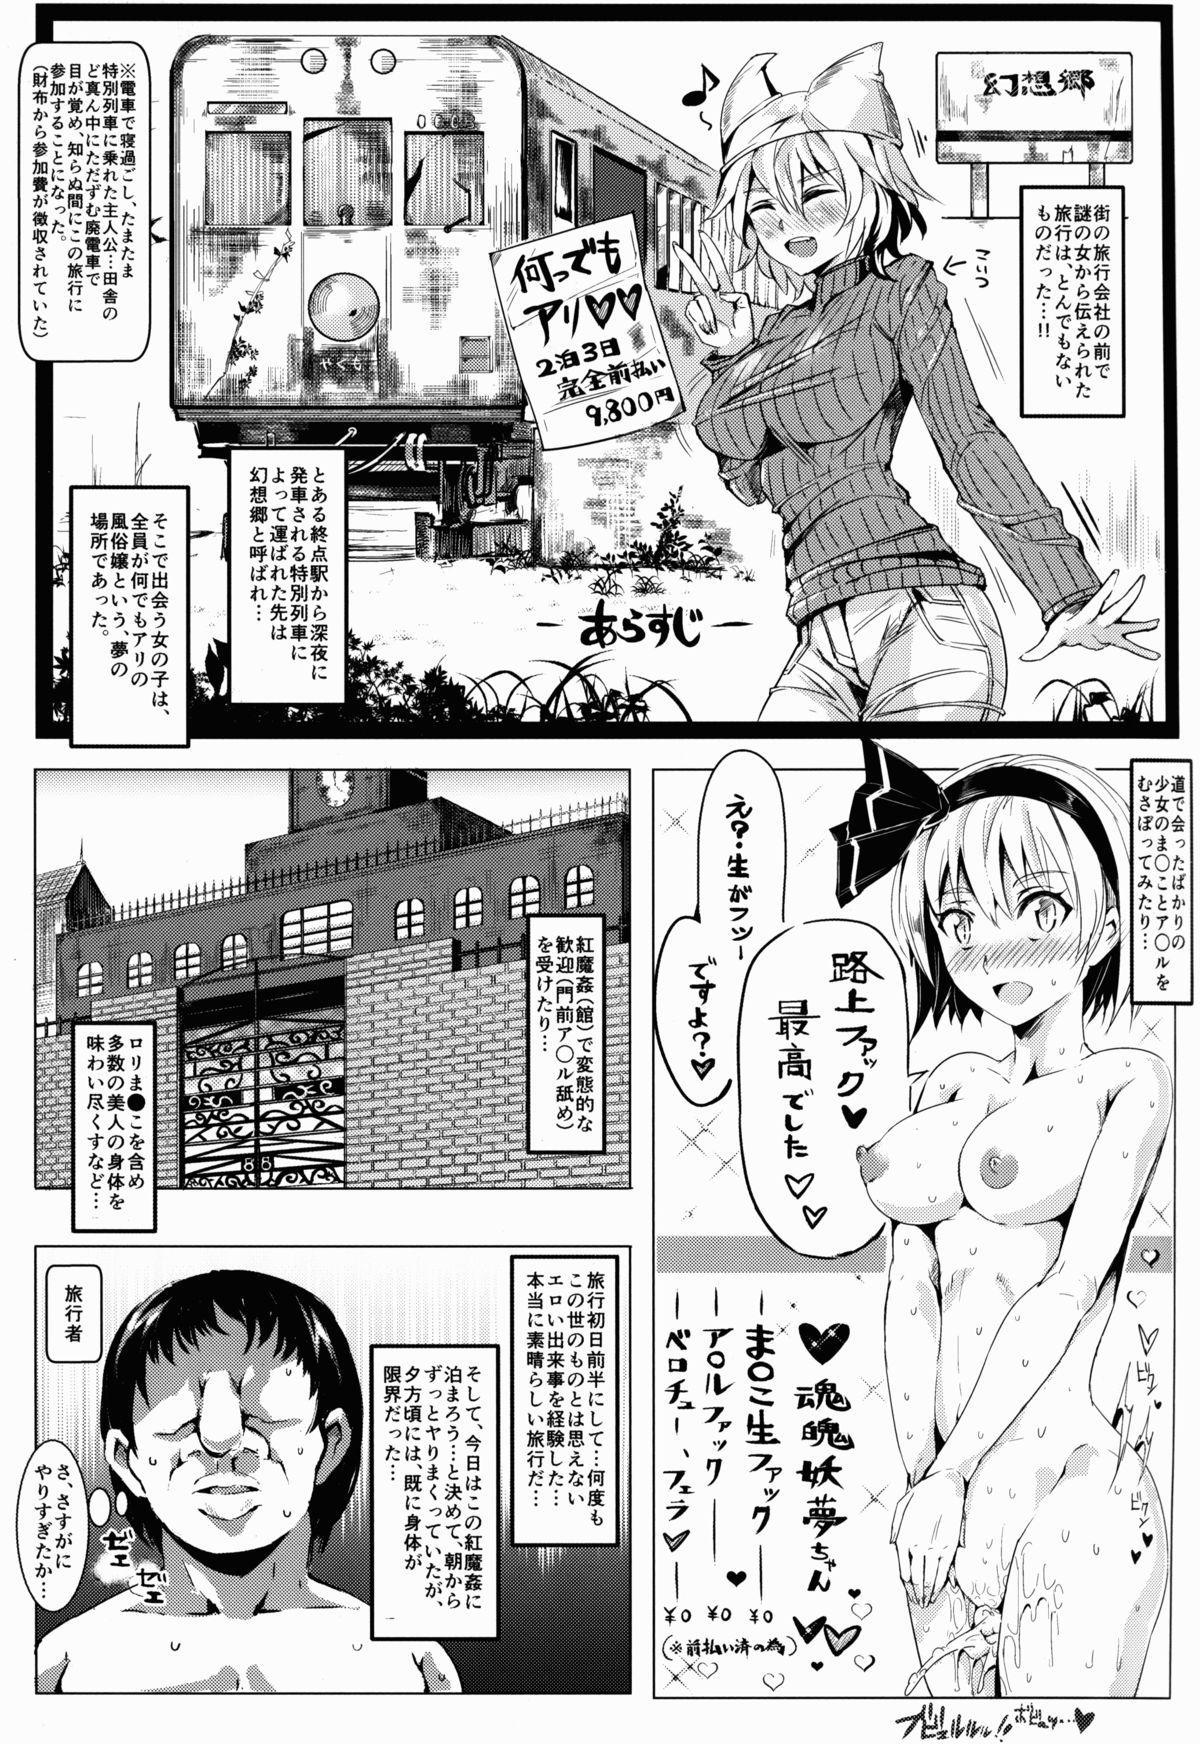 Oidemase!! Jiyuu Fuuzoku Gensoukyou Nihaku Mikka no Tabi - Kisaragi 4